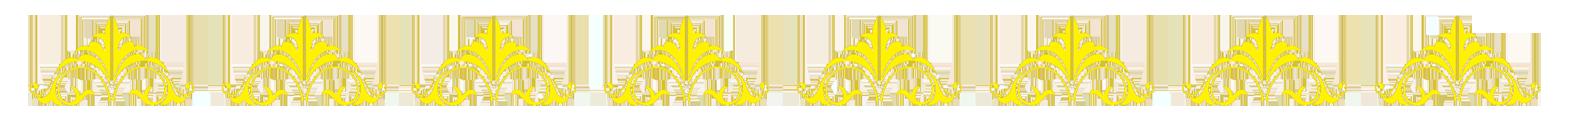 yellow printable borders